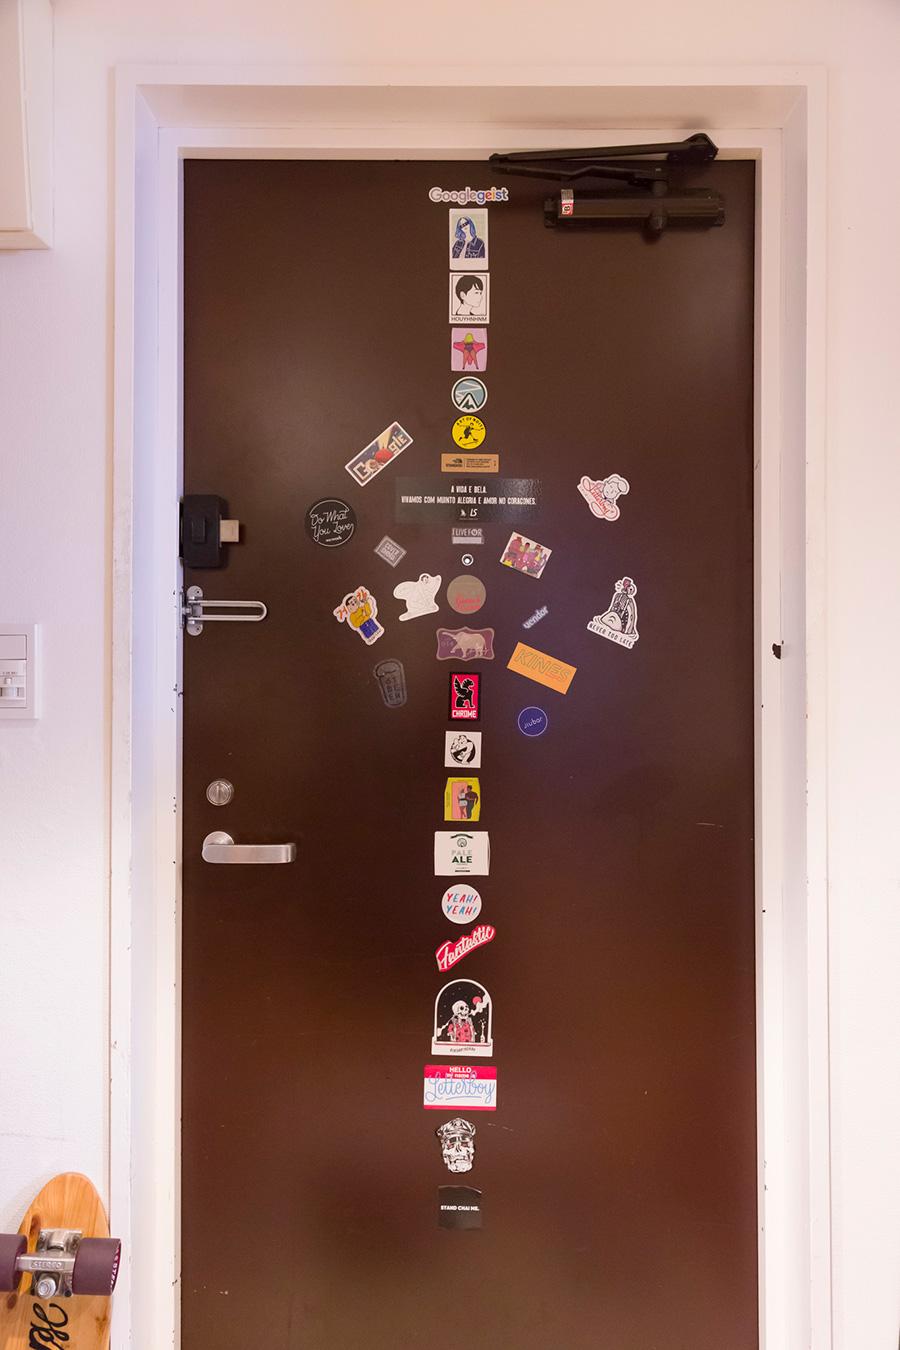 「最初は縦にステッカーを貼っていったのですが、スペースが足りなくなり横へと増殖中です。友人のアーティストが作ったものが多いです」